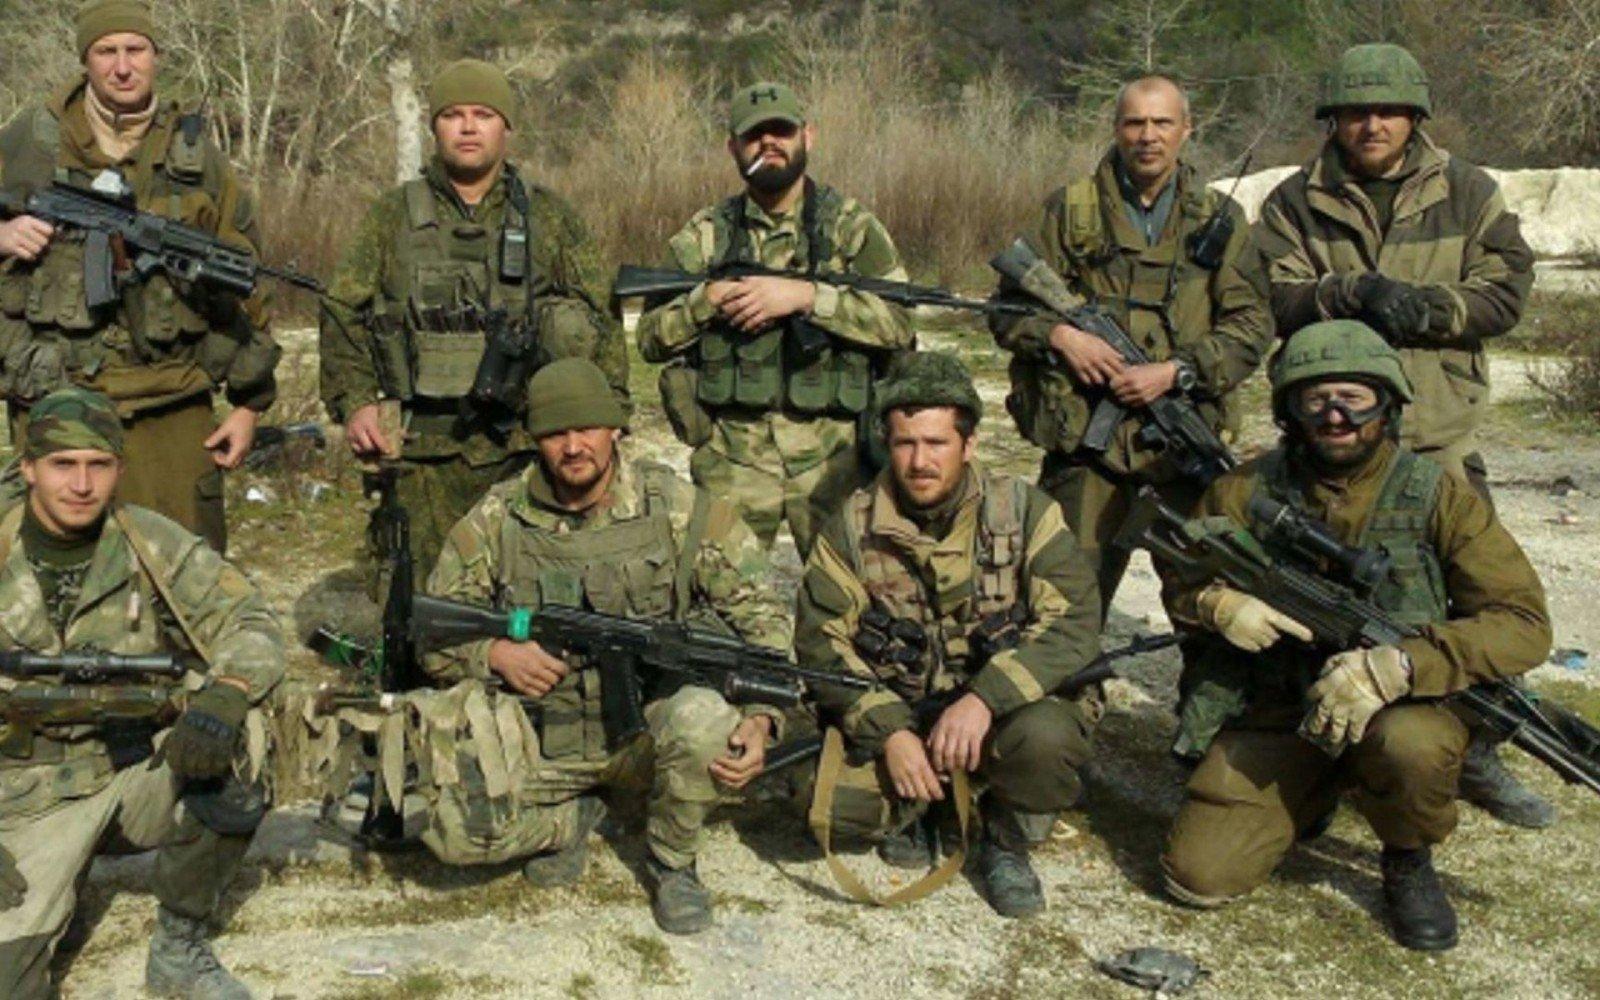 Известные люди считают бойцов частной военной компании (ЧВК) «Вагнера» «настоящими патриотами и героями своей страны»